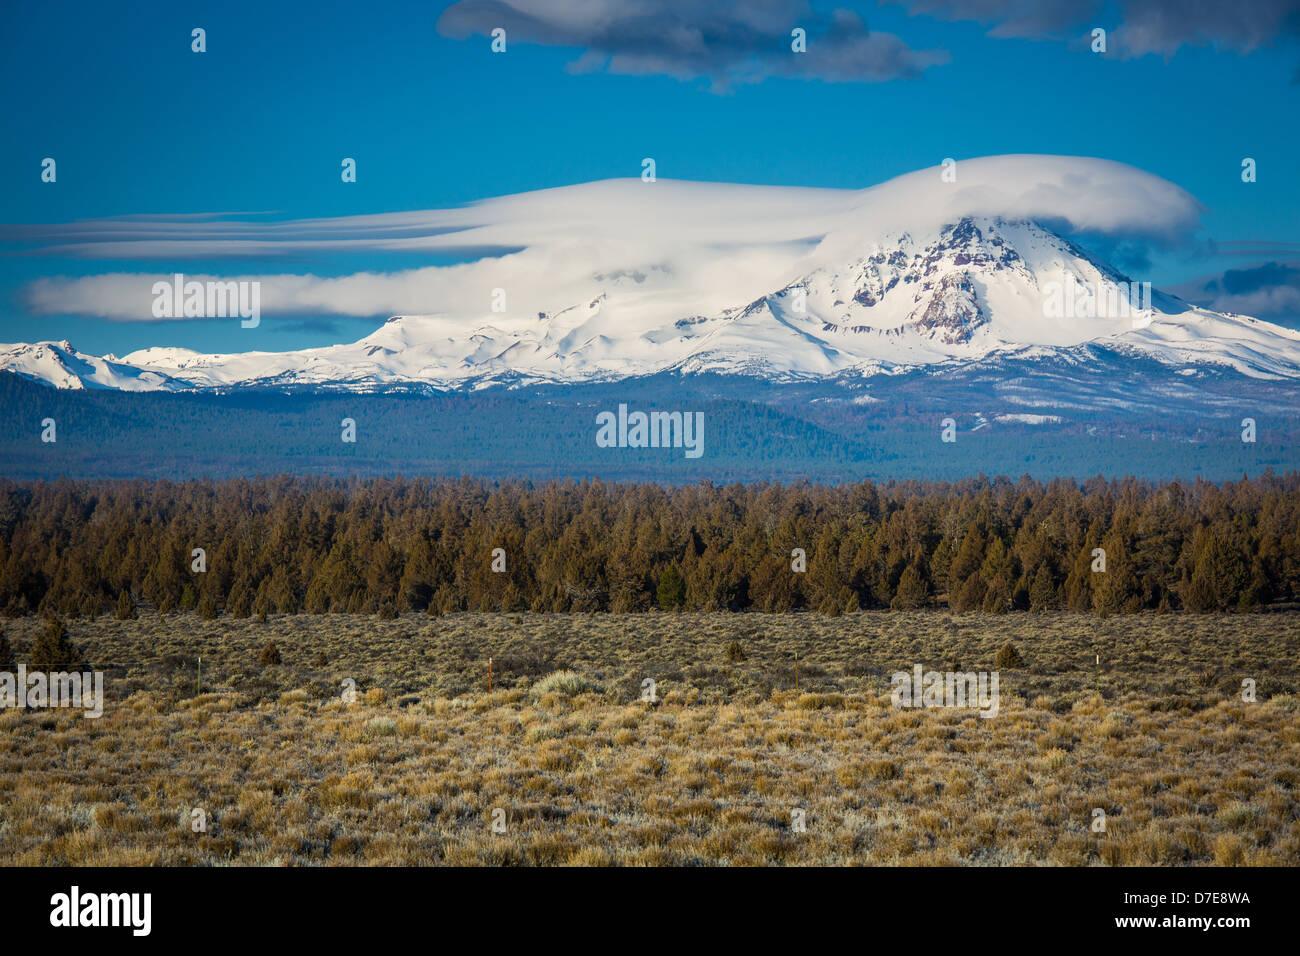 Linsenförmige Wolken schweben über den Gipfel des gebrochen oben Bergen in der Schwestern Wildnis von Stockbild